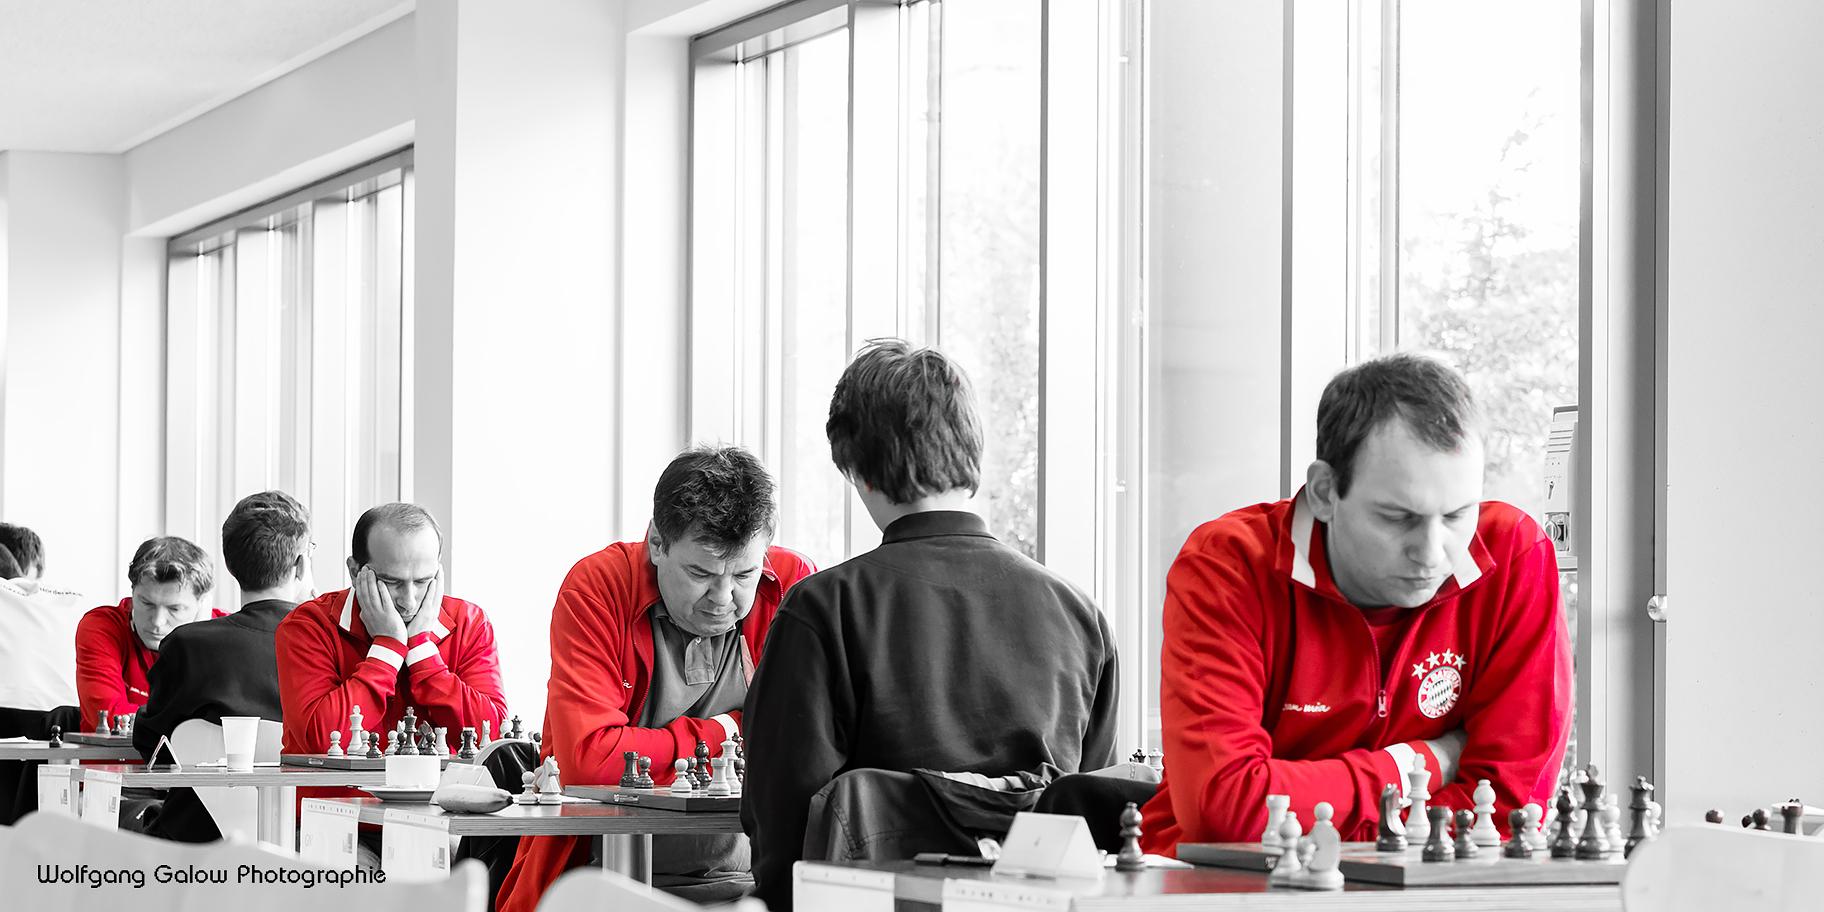 Die ersten vier Bretter der Bundesligamannschaft des FC Bayern München